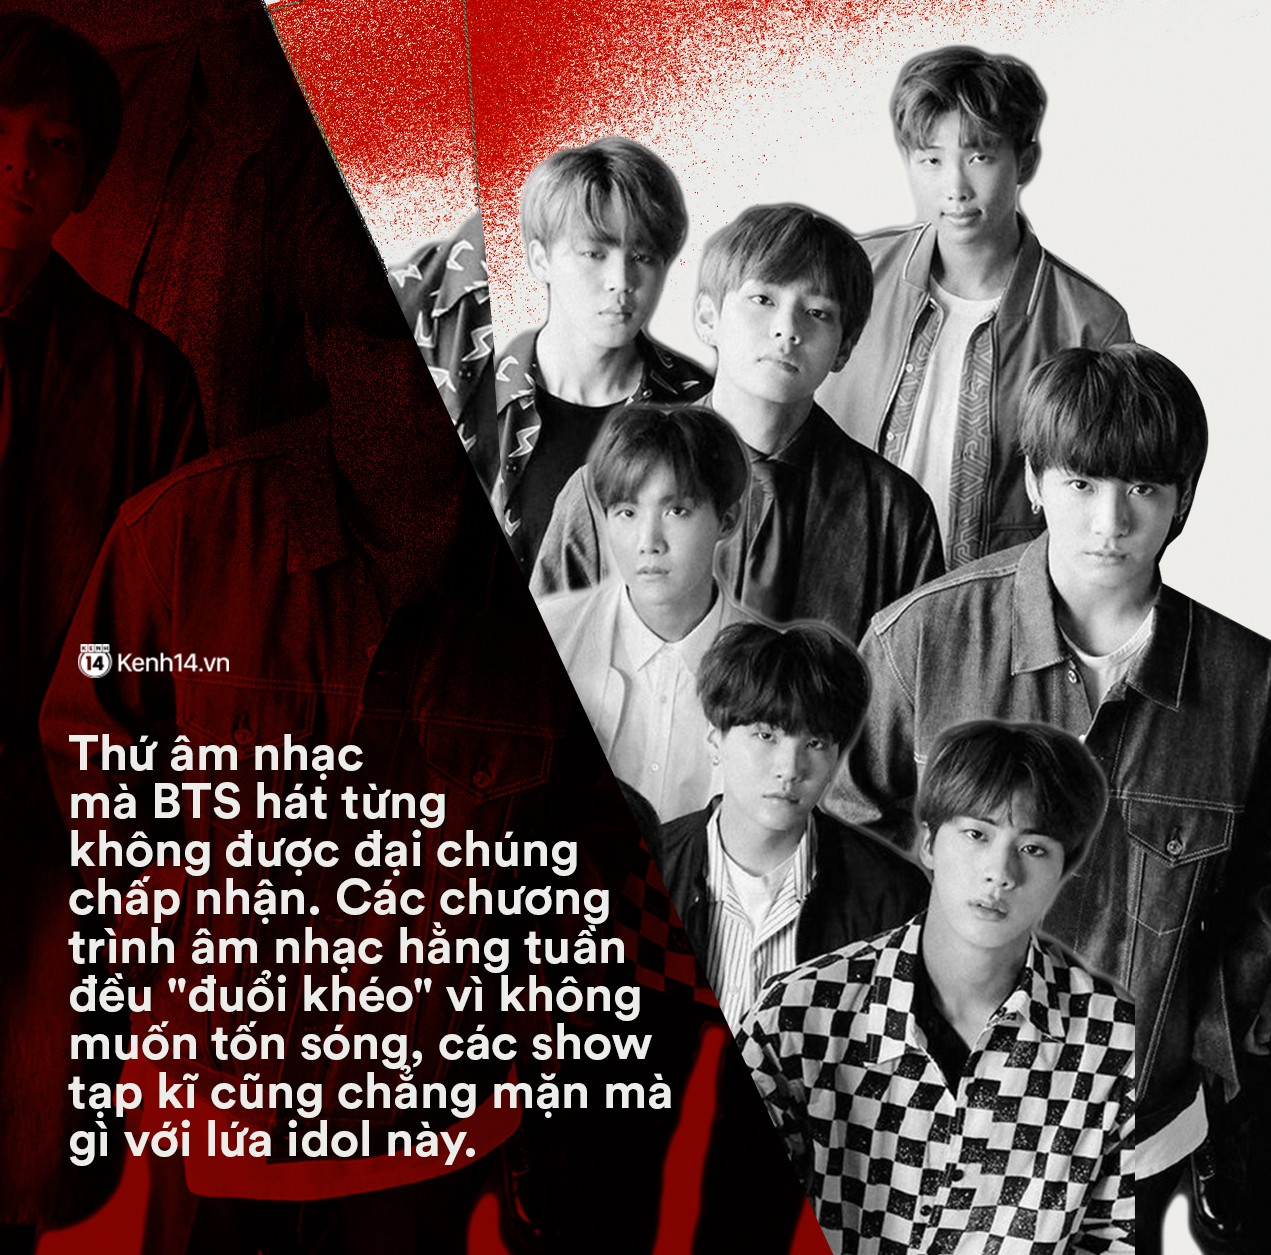 Trưởng nhóm RM (BTS) - Chàng idol từng bị tẩy chay vì ngoại hình và đại diện tiếng nói cho người trẻ tại Liên Hợp Quốc - Ảnh 4.